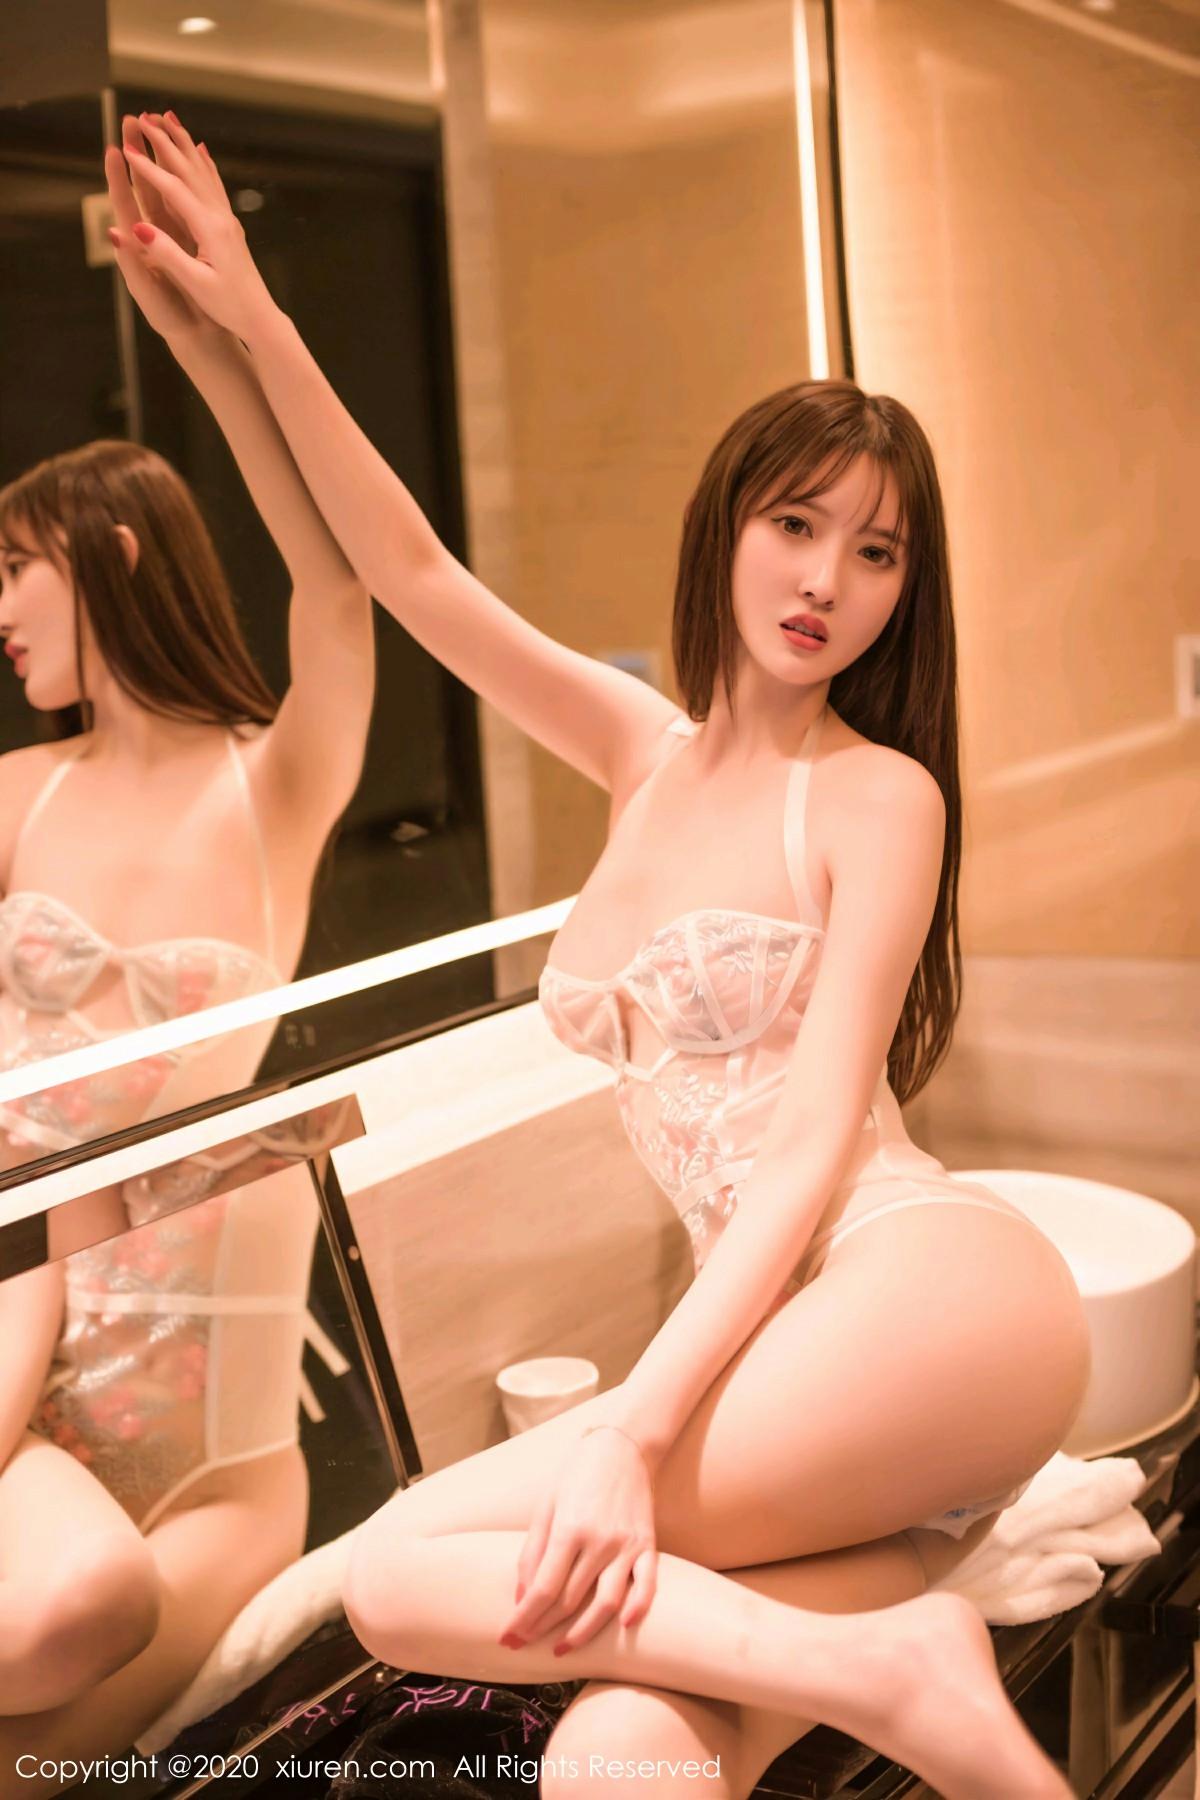 [XiuRen秀人网] 2020.11.10 No.2758 林芮希 第2张